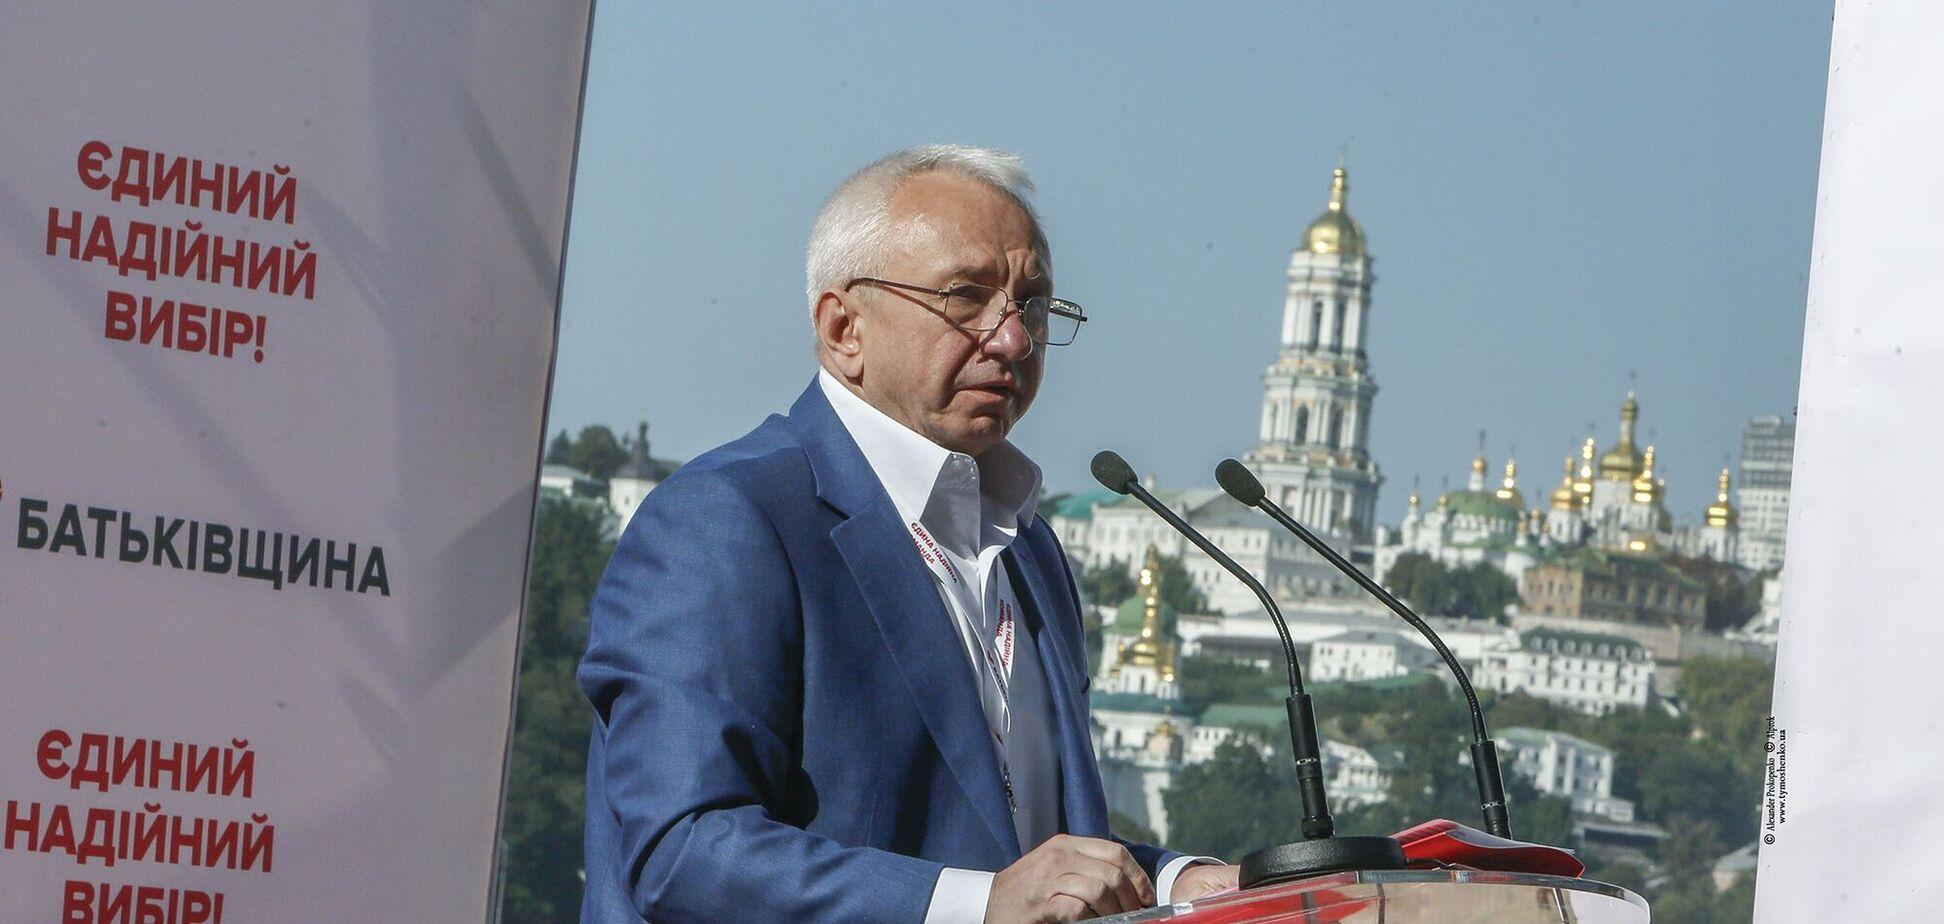 Штрафы за неправильную парковку должны идти в бюджет Киева, – Кучеренко